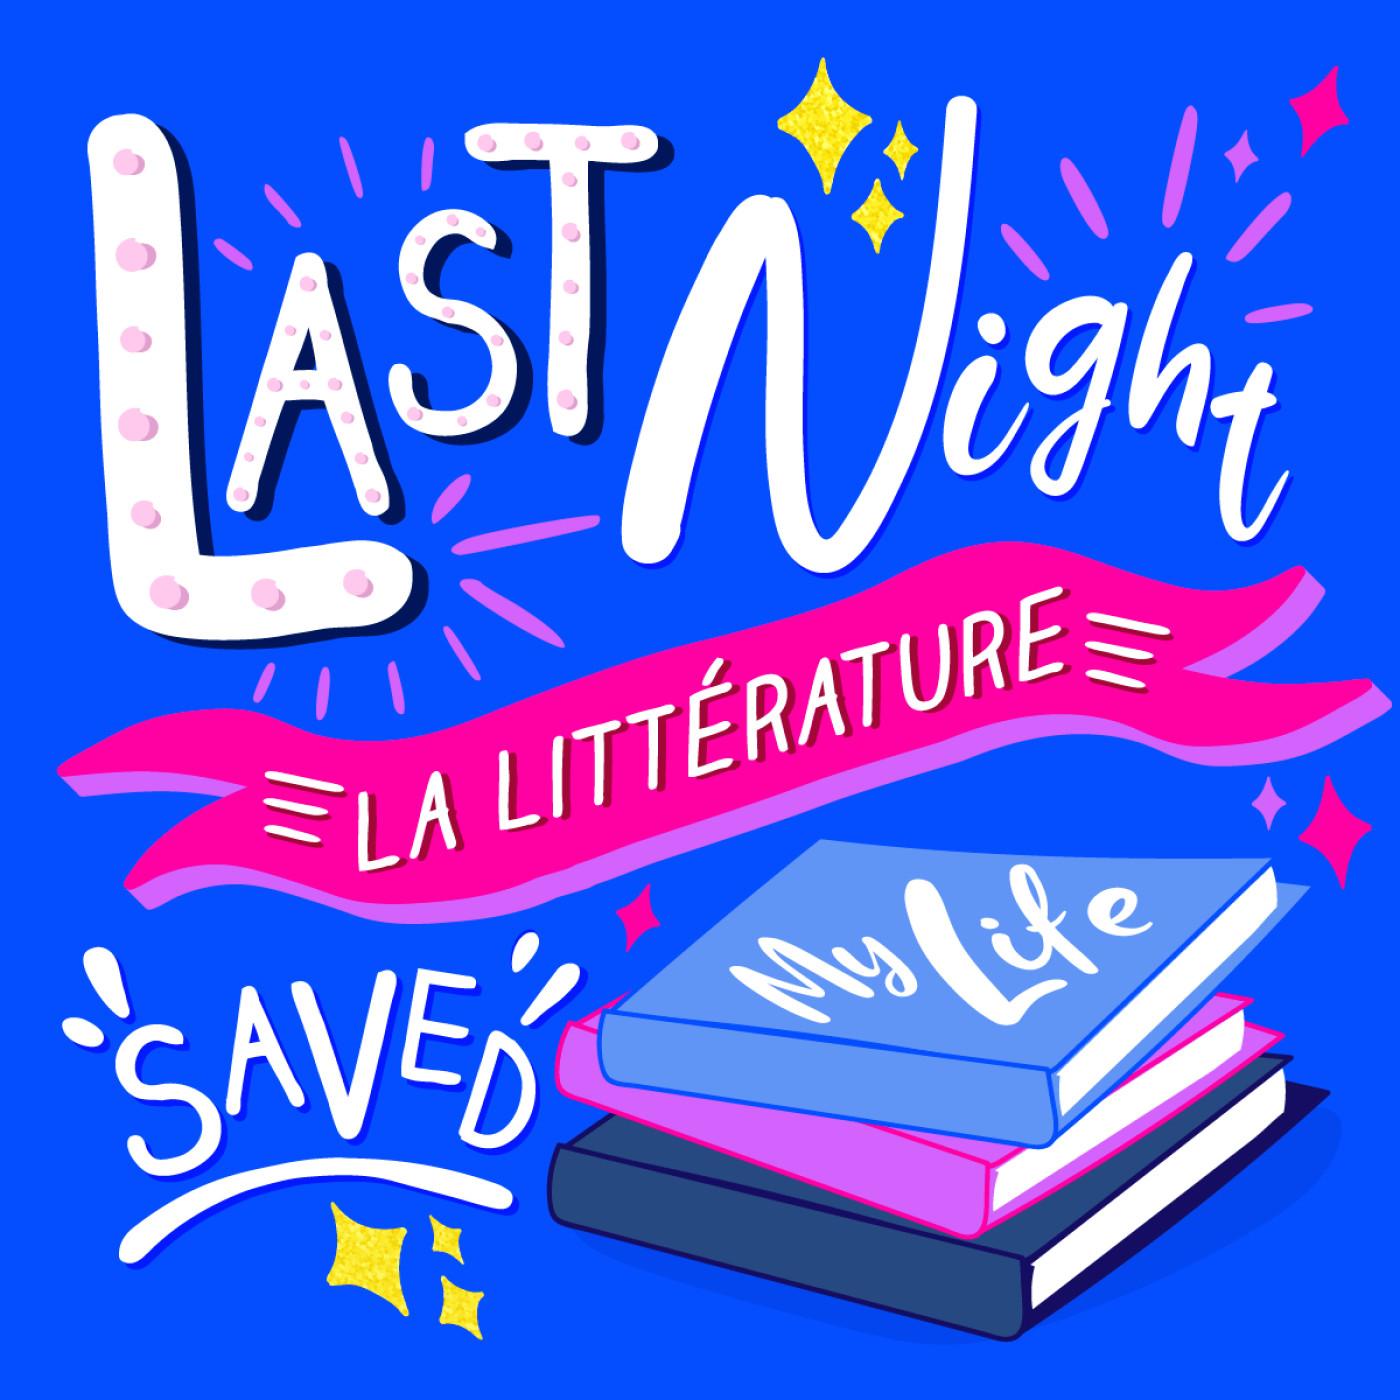 ★ Last Night La Littérature Saved My Life ★